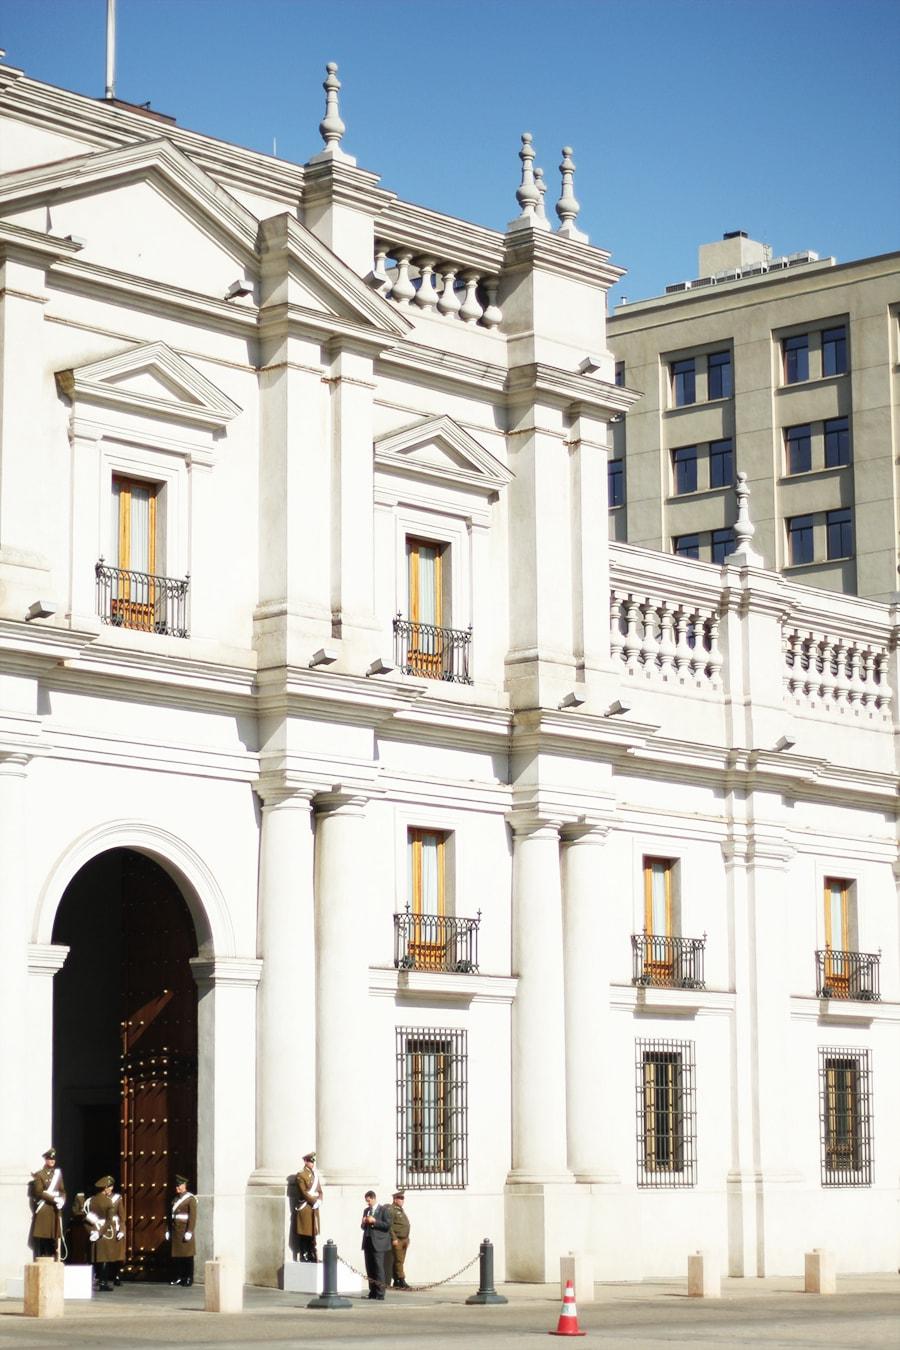 Se turista en tu ciudad - vacaciones en santiago, chile - turista en santiago | Golden Strokes